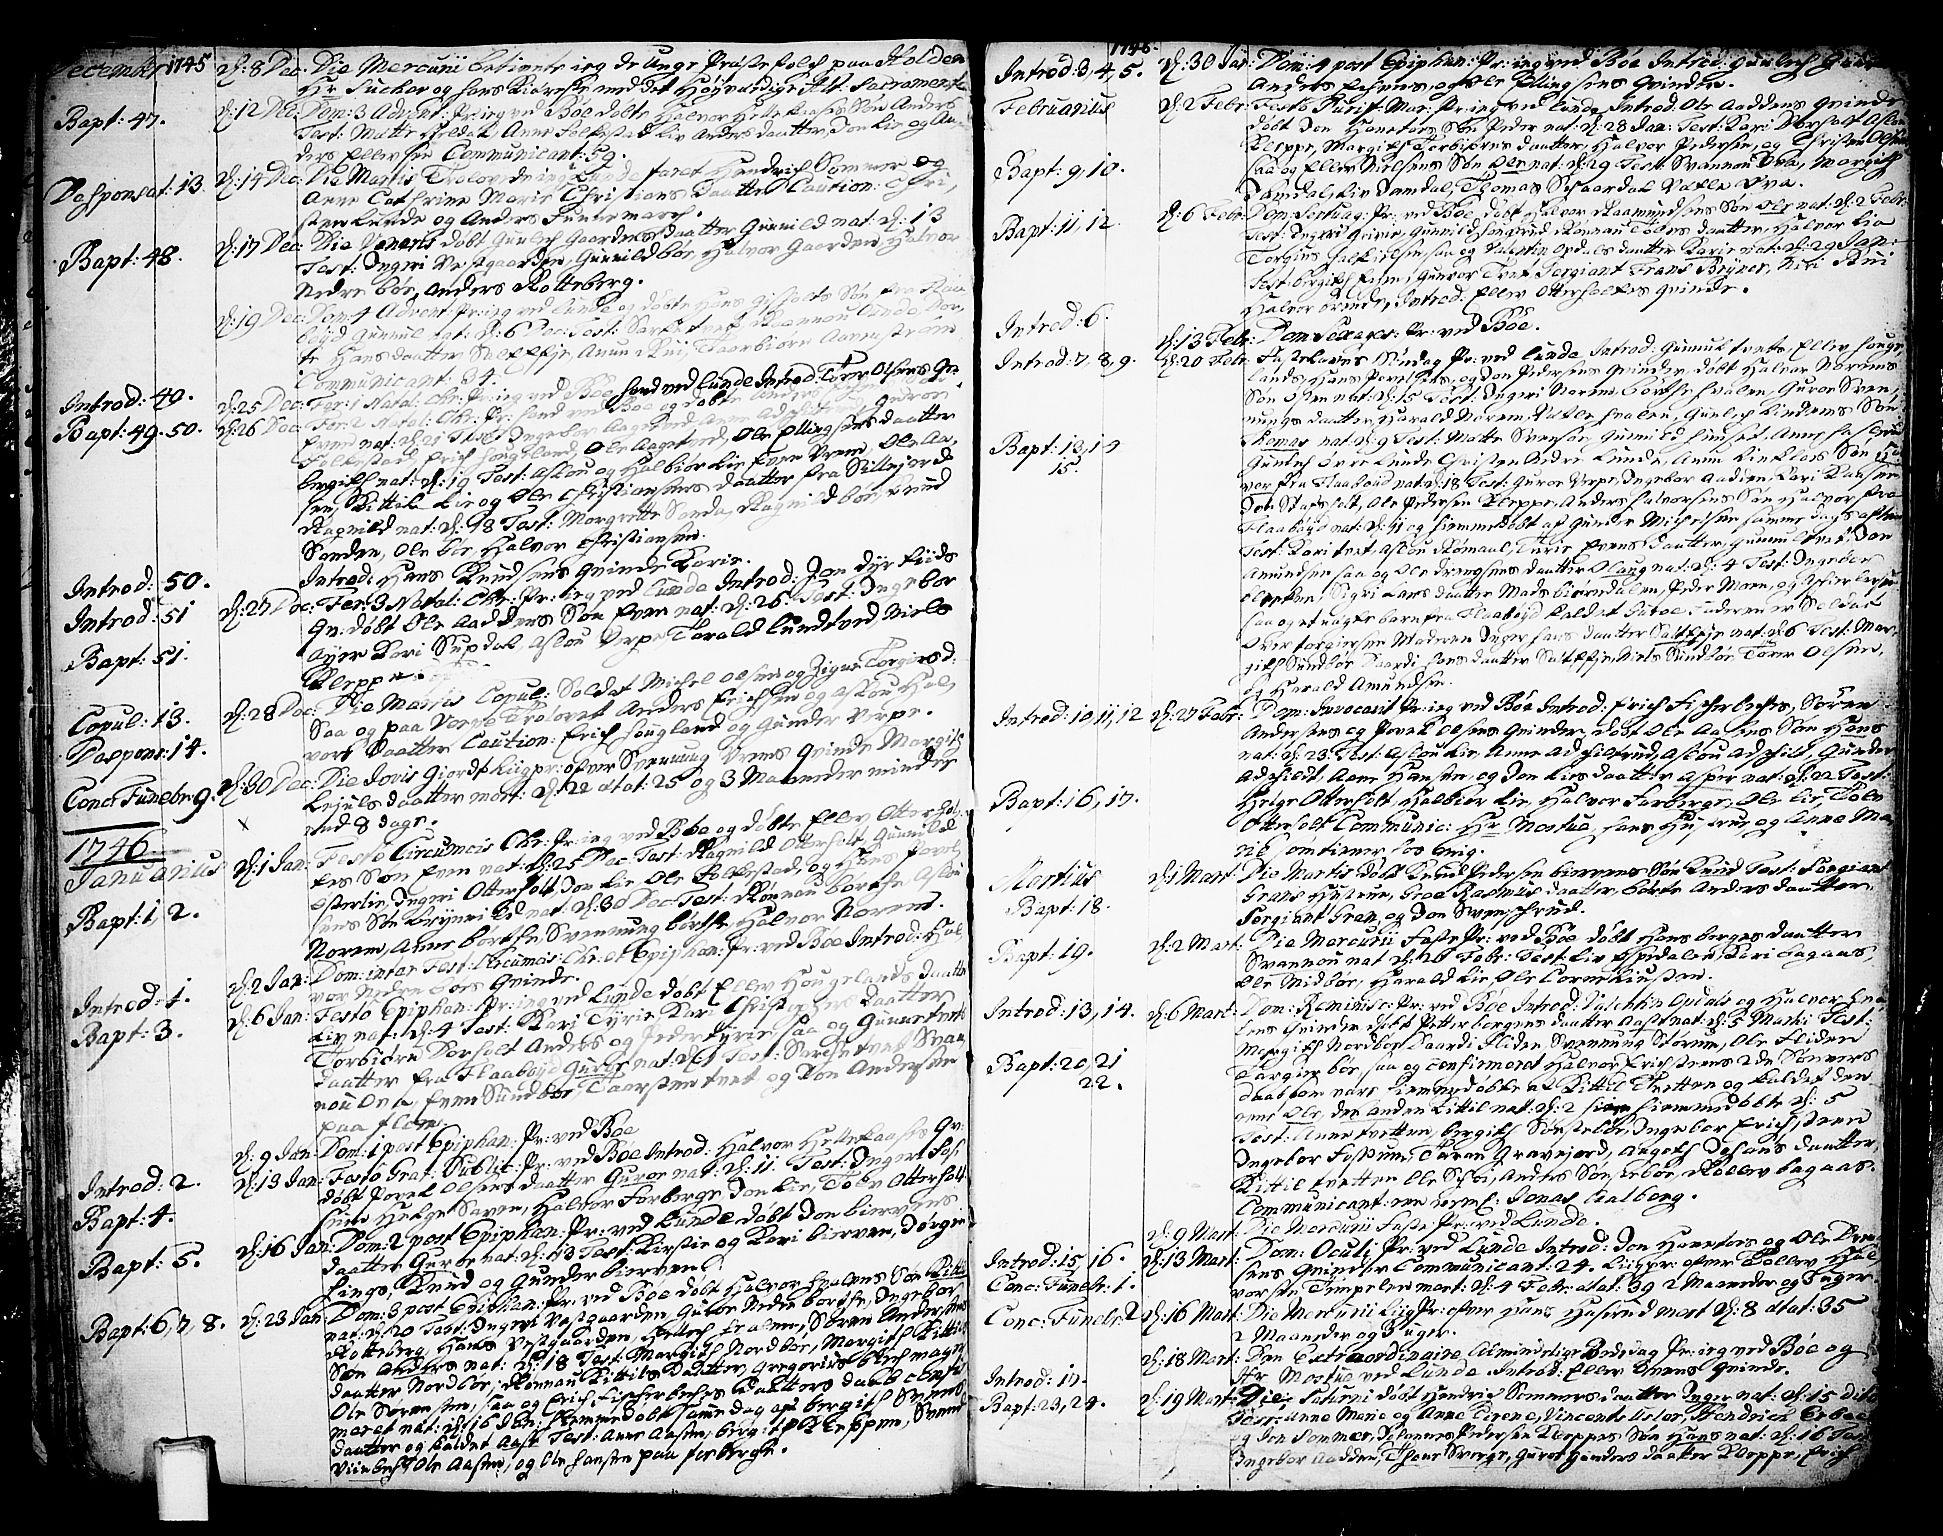 SAKO, Bø kirkebøker, F/Fa/L0003: Ministerialbok nr. 3, 1733-1748, s. 33